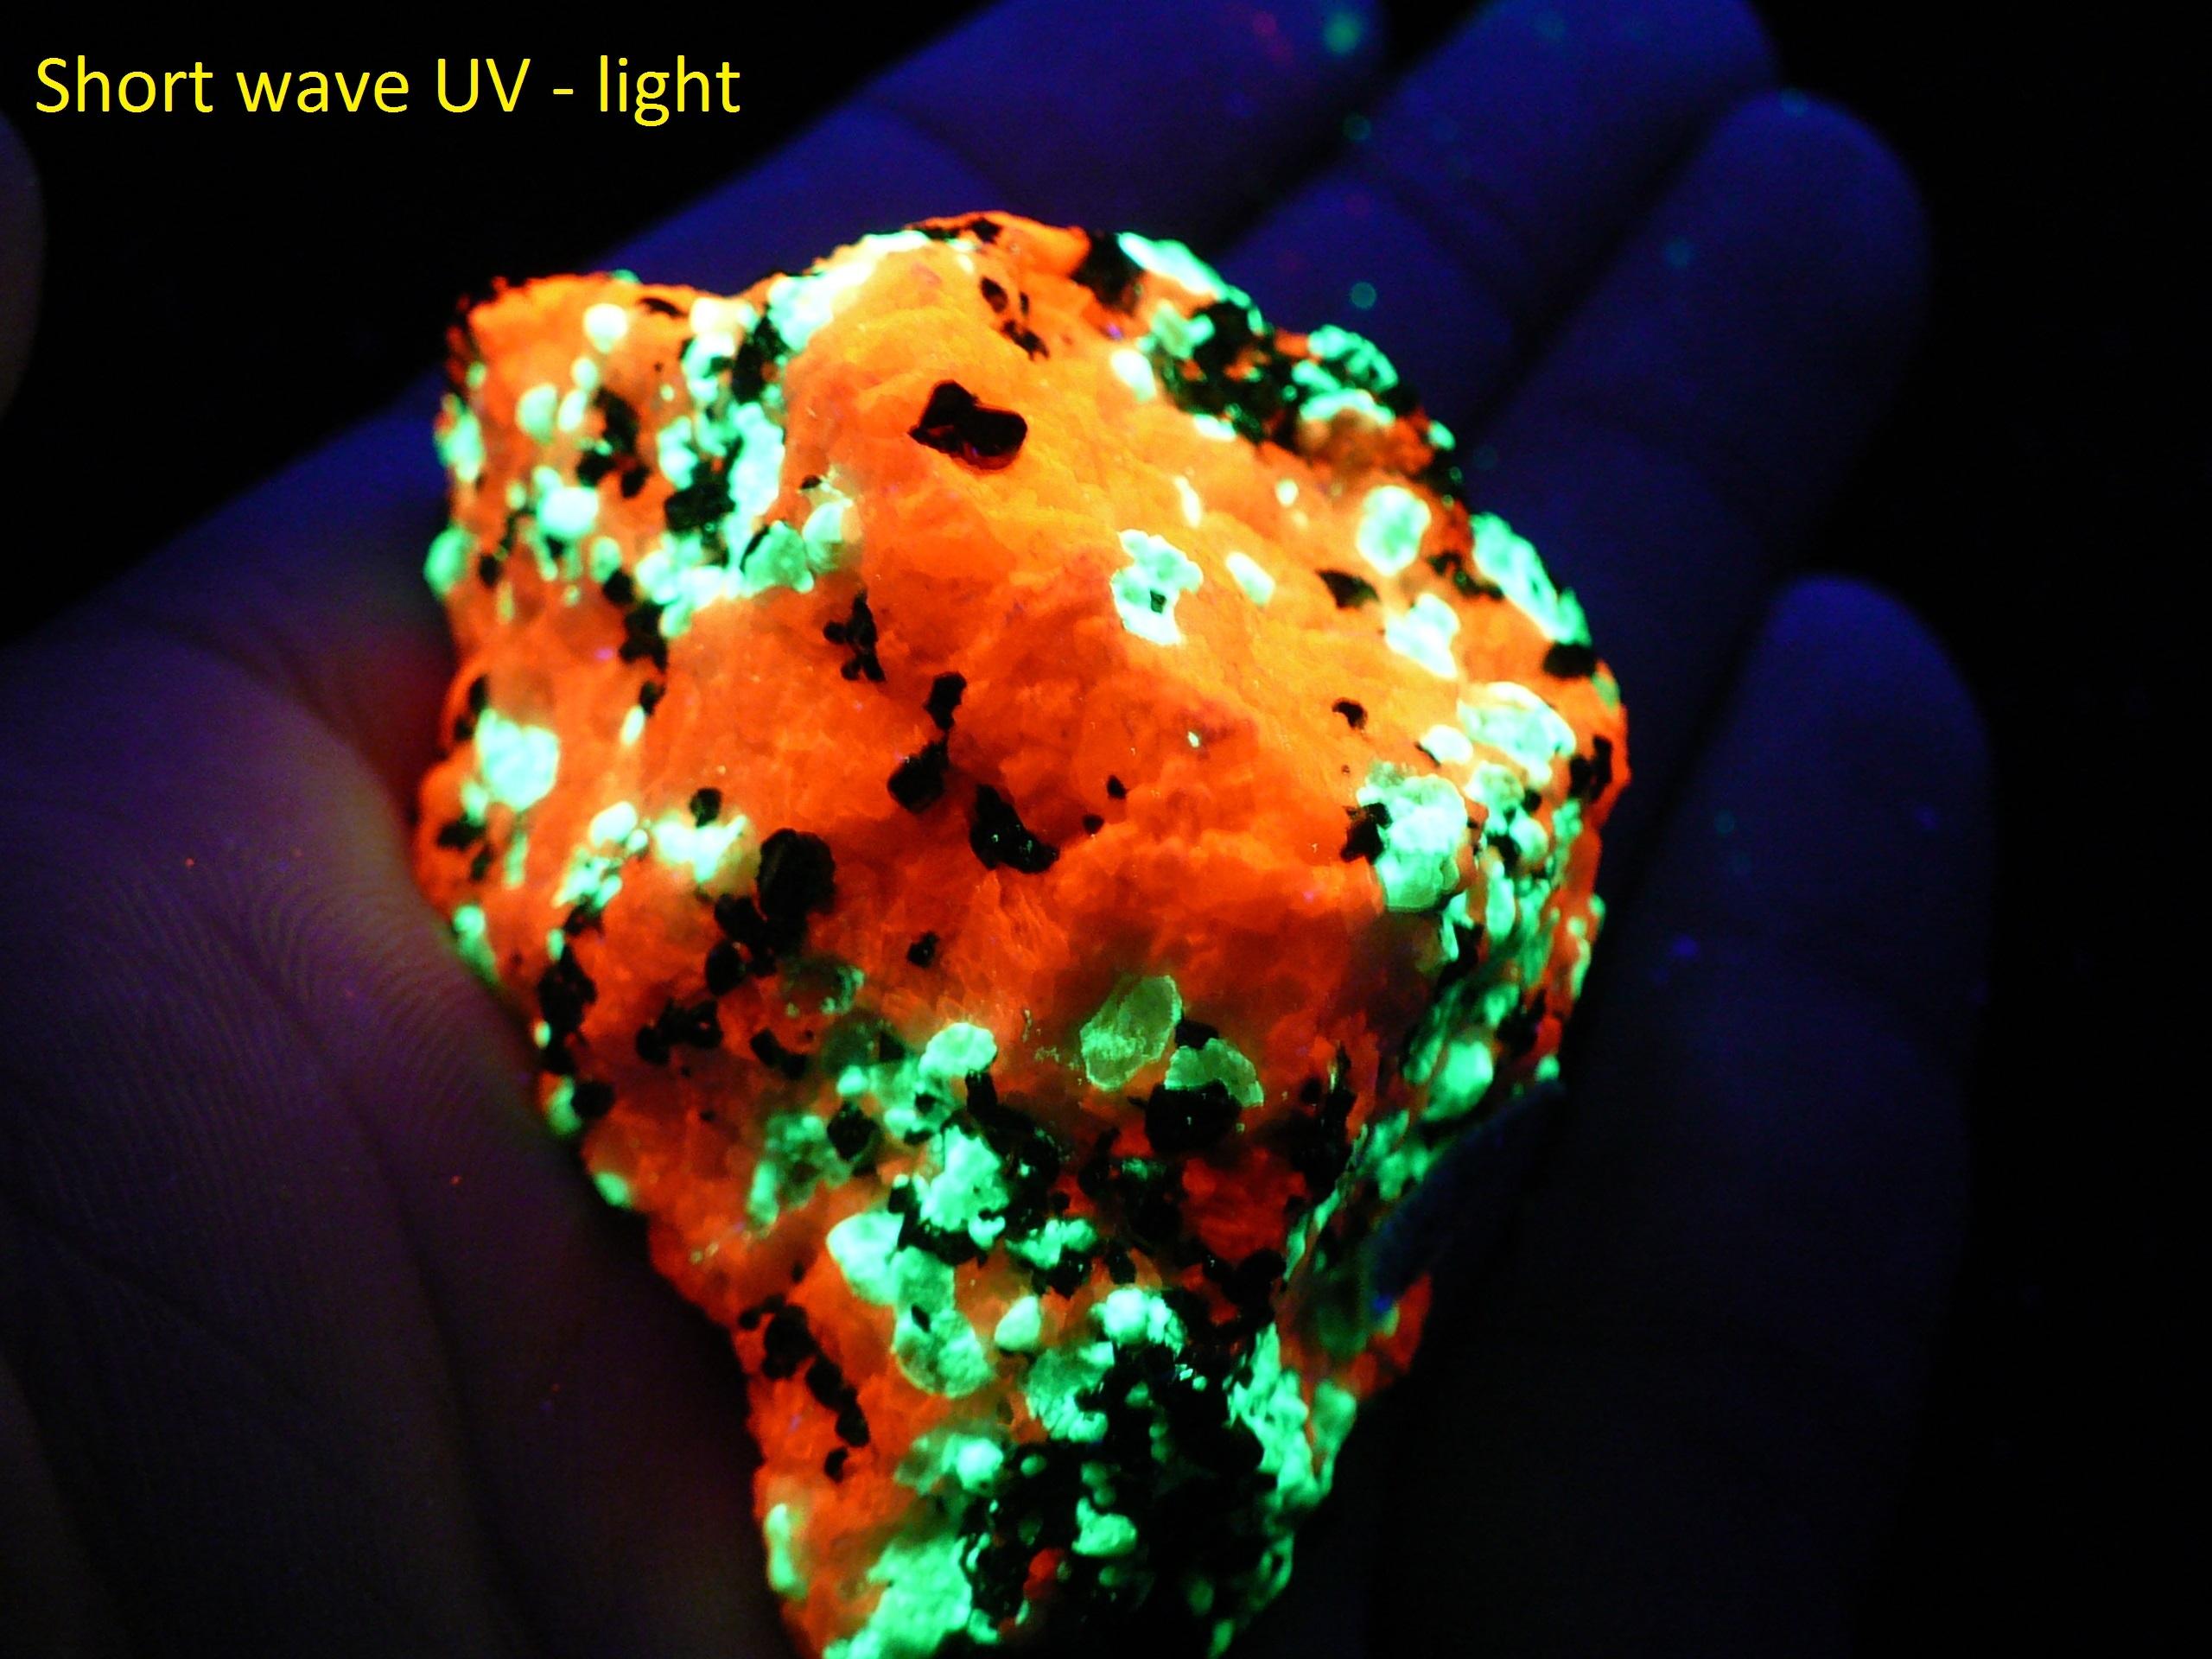 Fluorescent willemite, calcite and non-fluorescent franklini